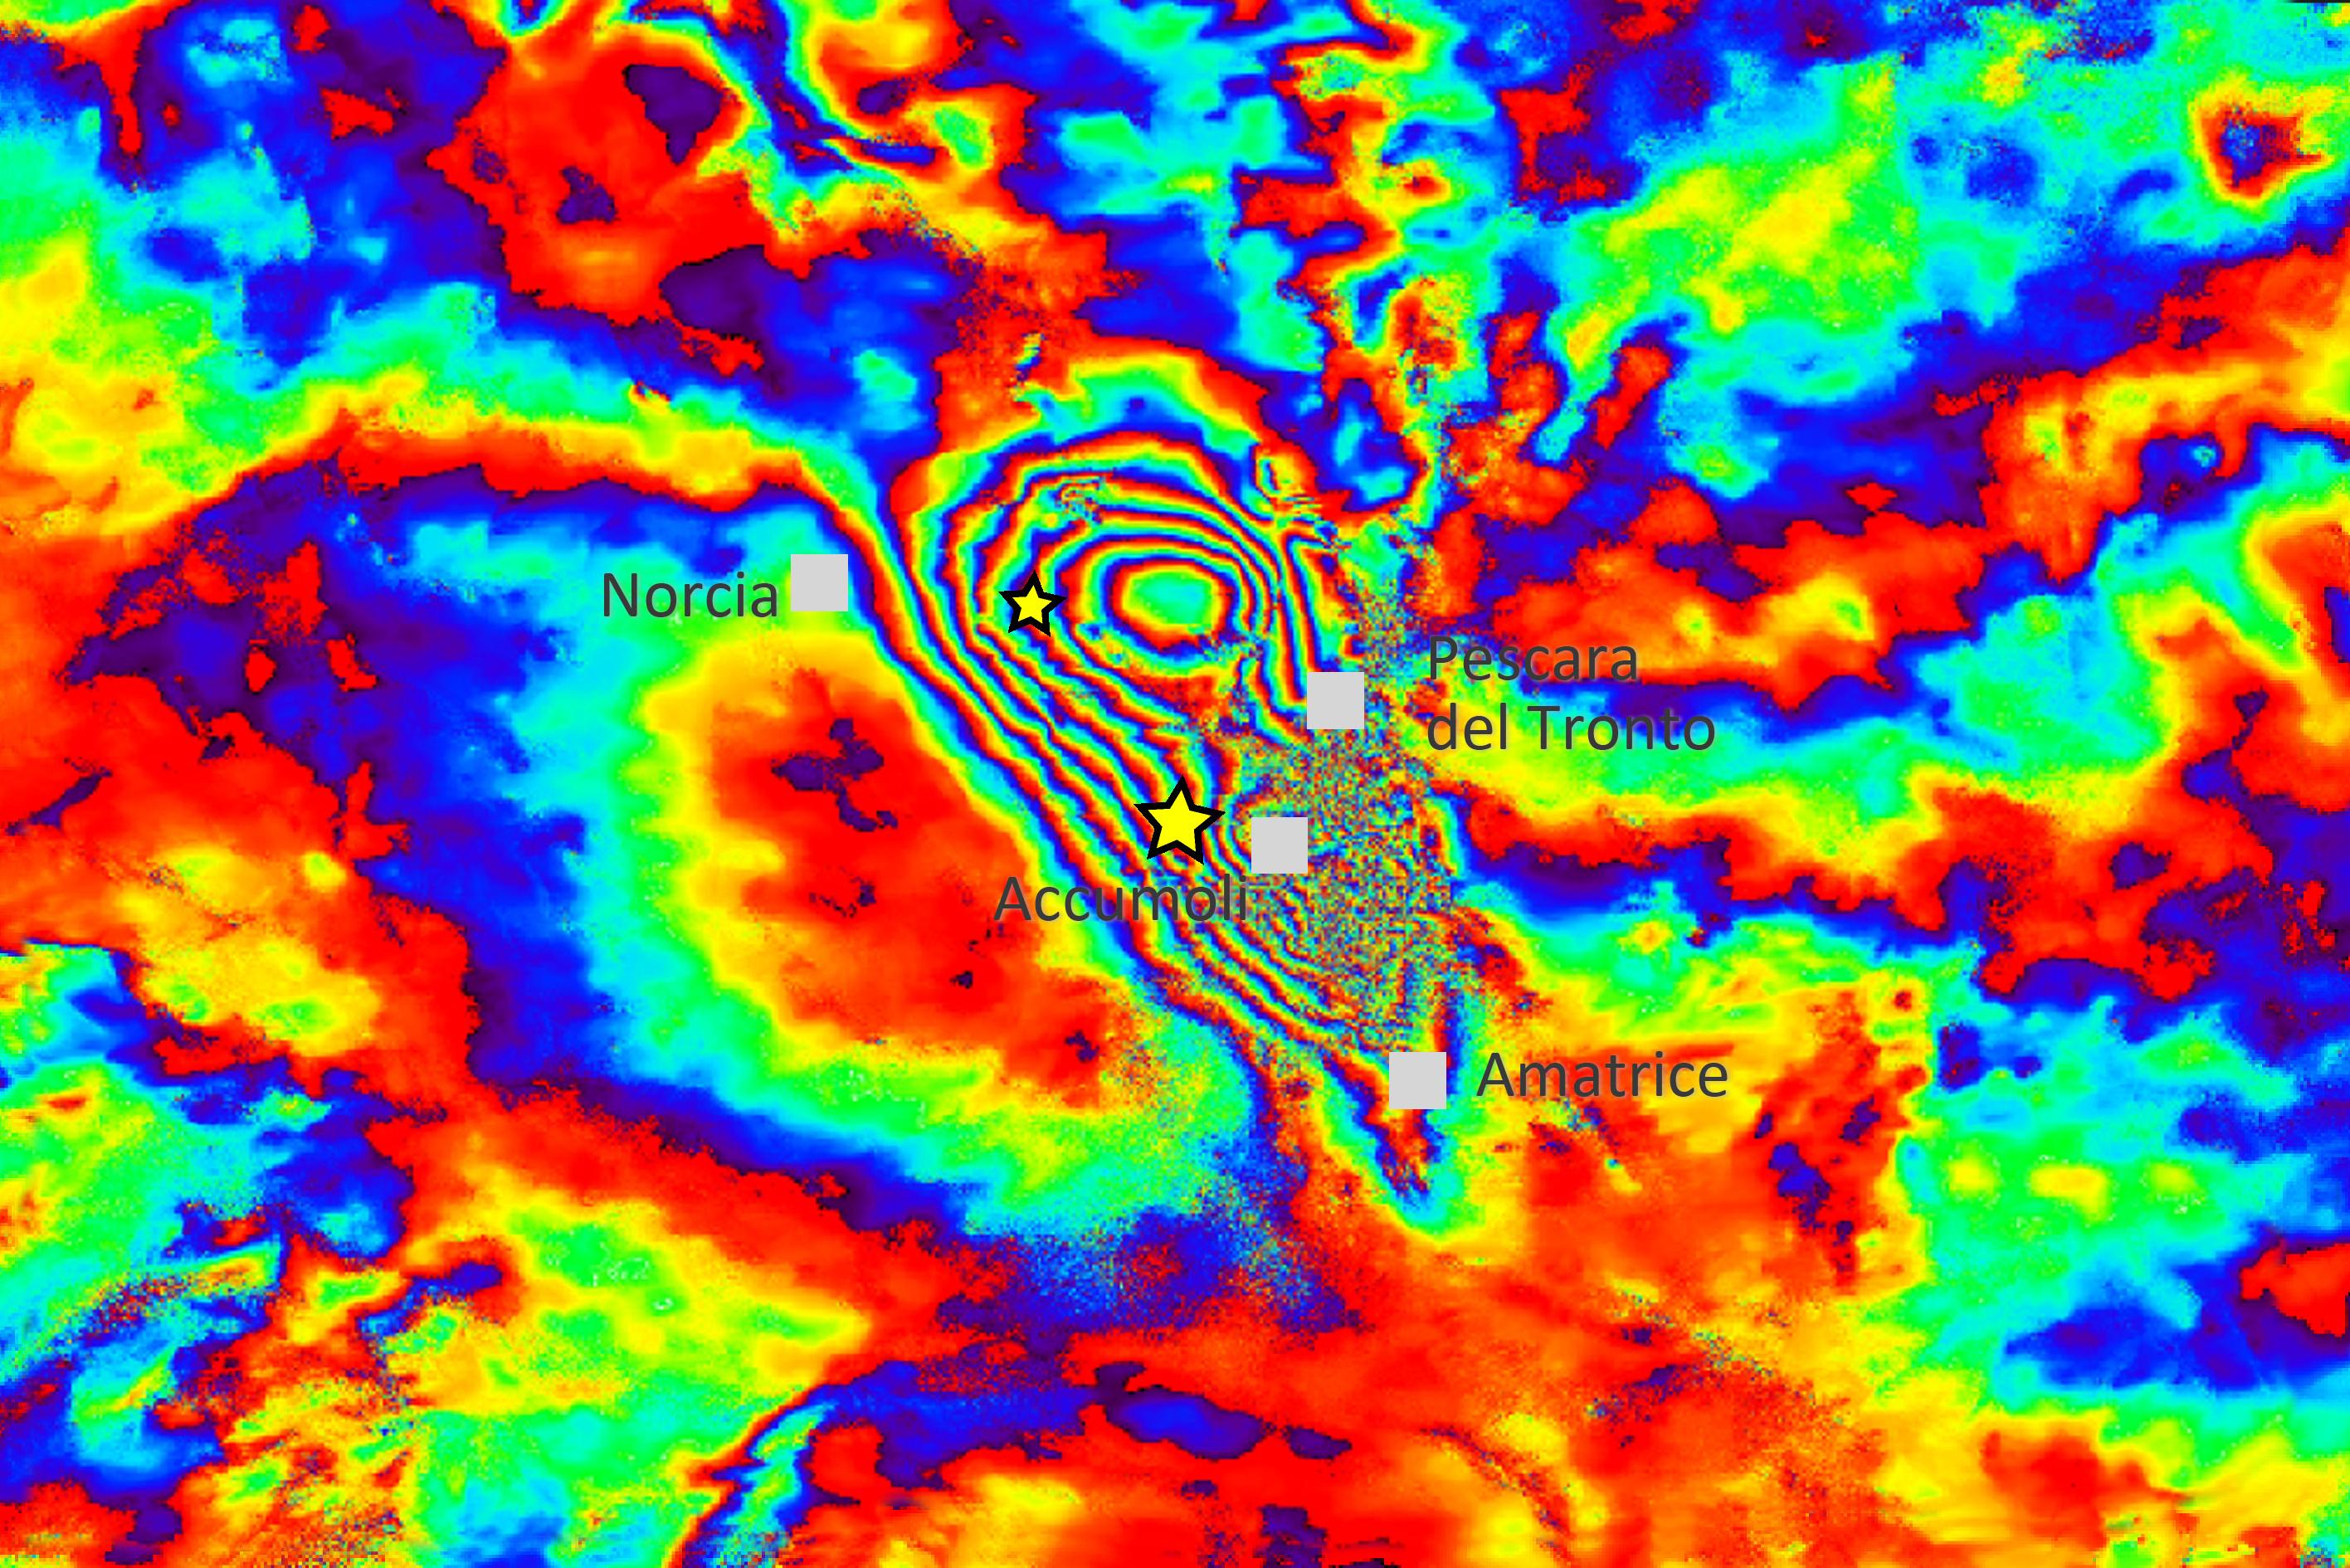 Italie - Tremblement de Terre - 24 août 2016 - Interférométrie - Sentinel-1 - Copernicus - ESA - IREA - Fault - plates - tectonique - Terromoto